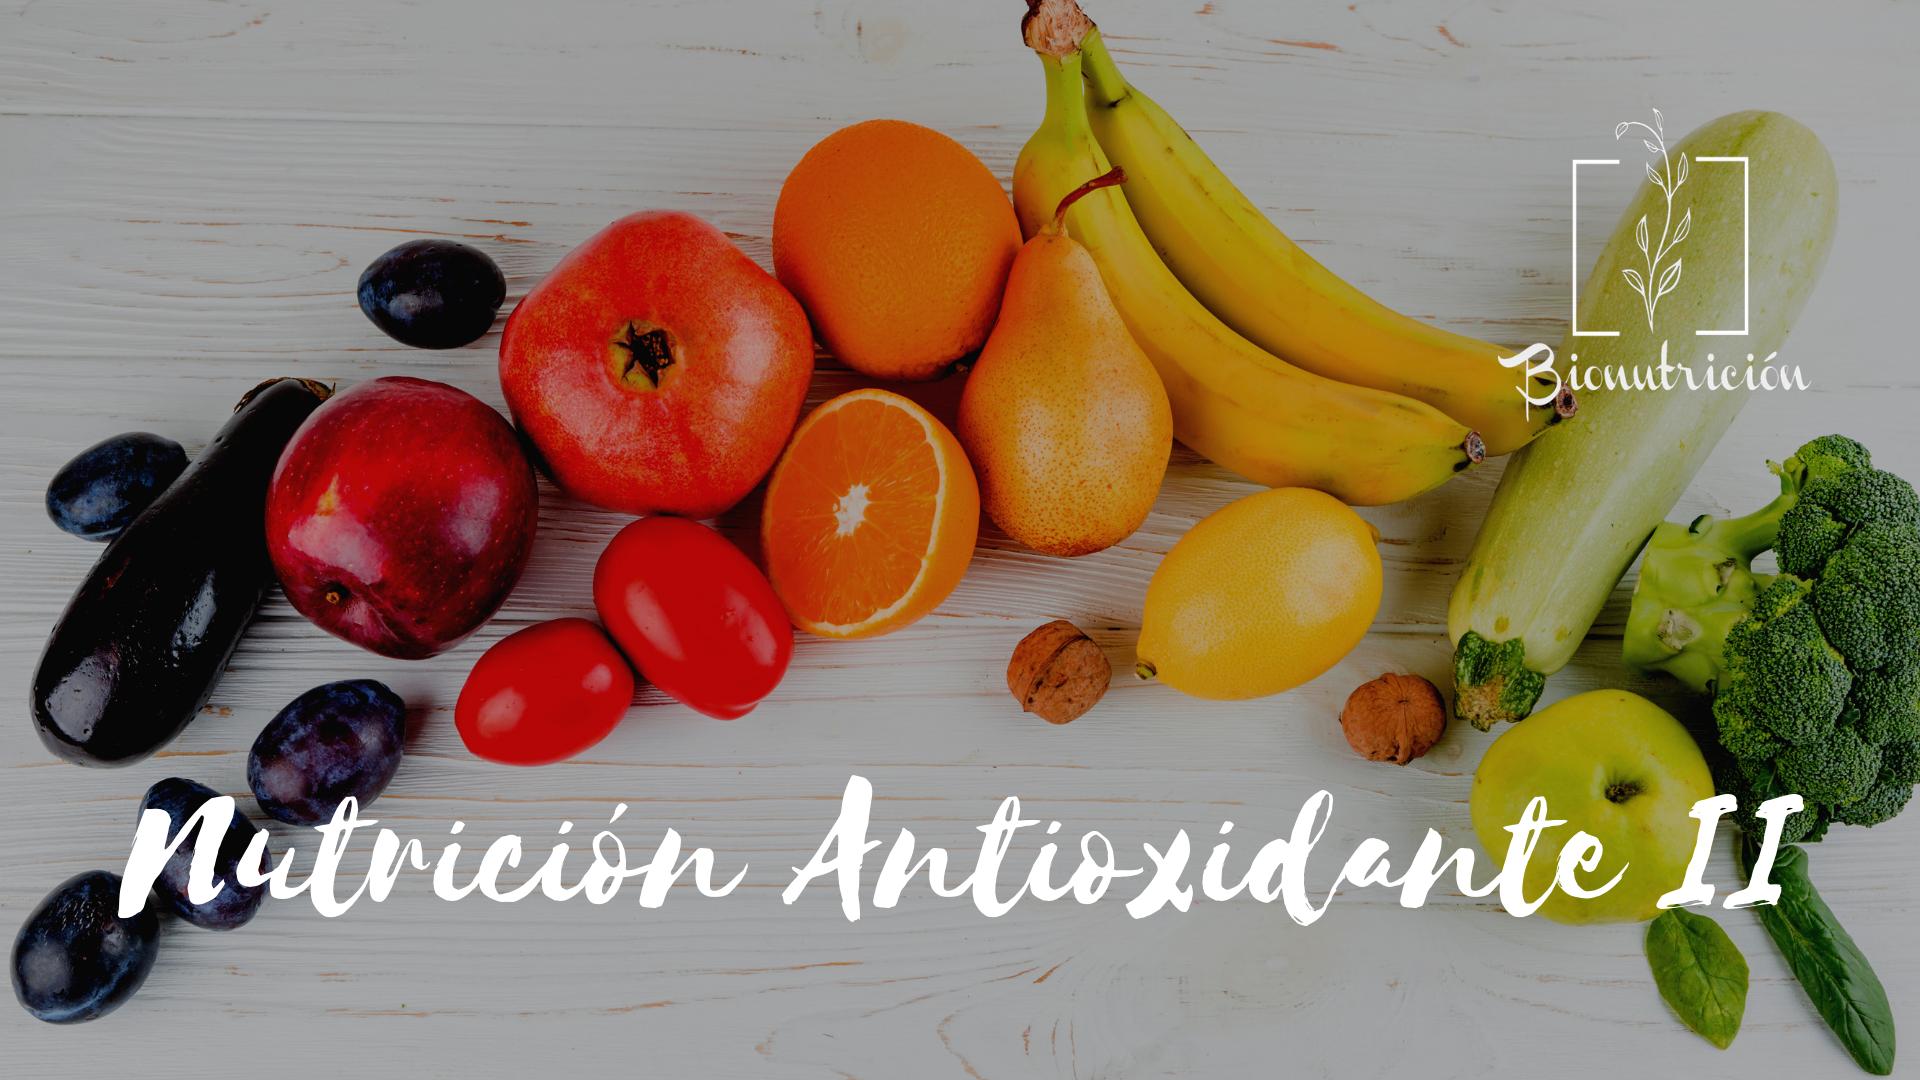 Nutrición Antioxidante 2- Bionutricion Ortomolecular